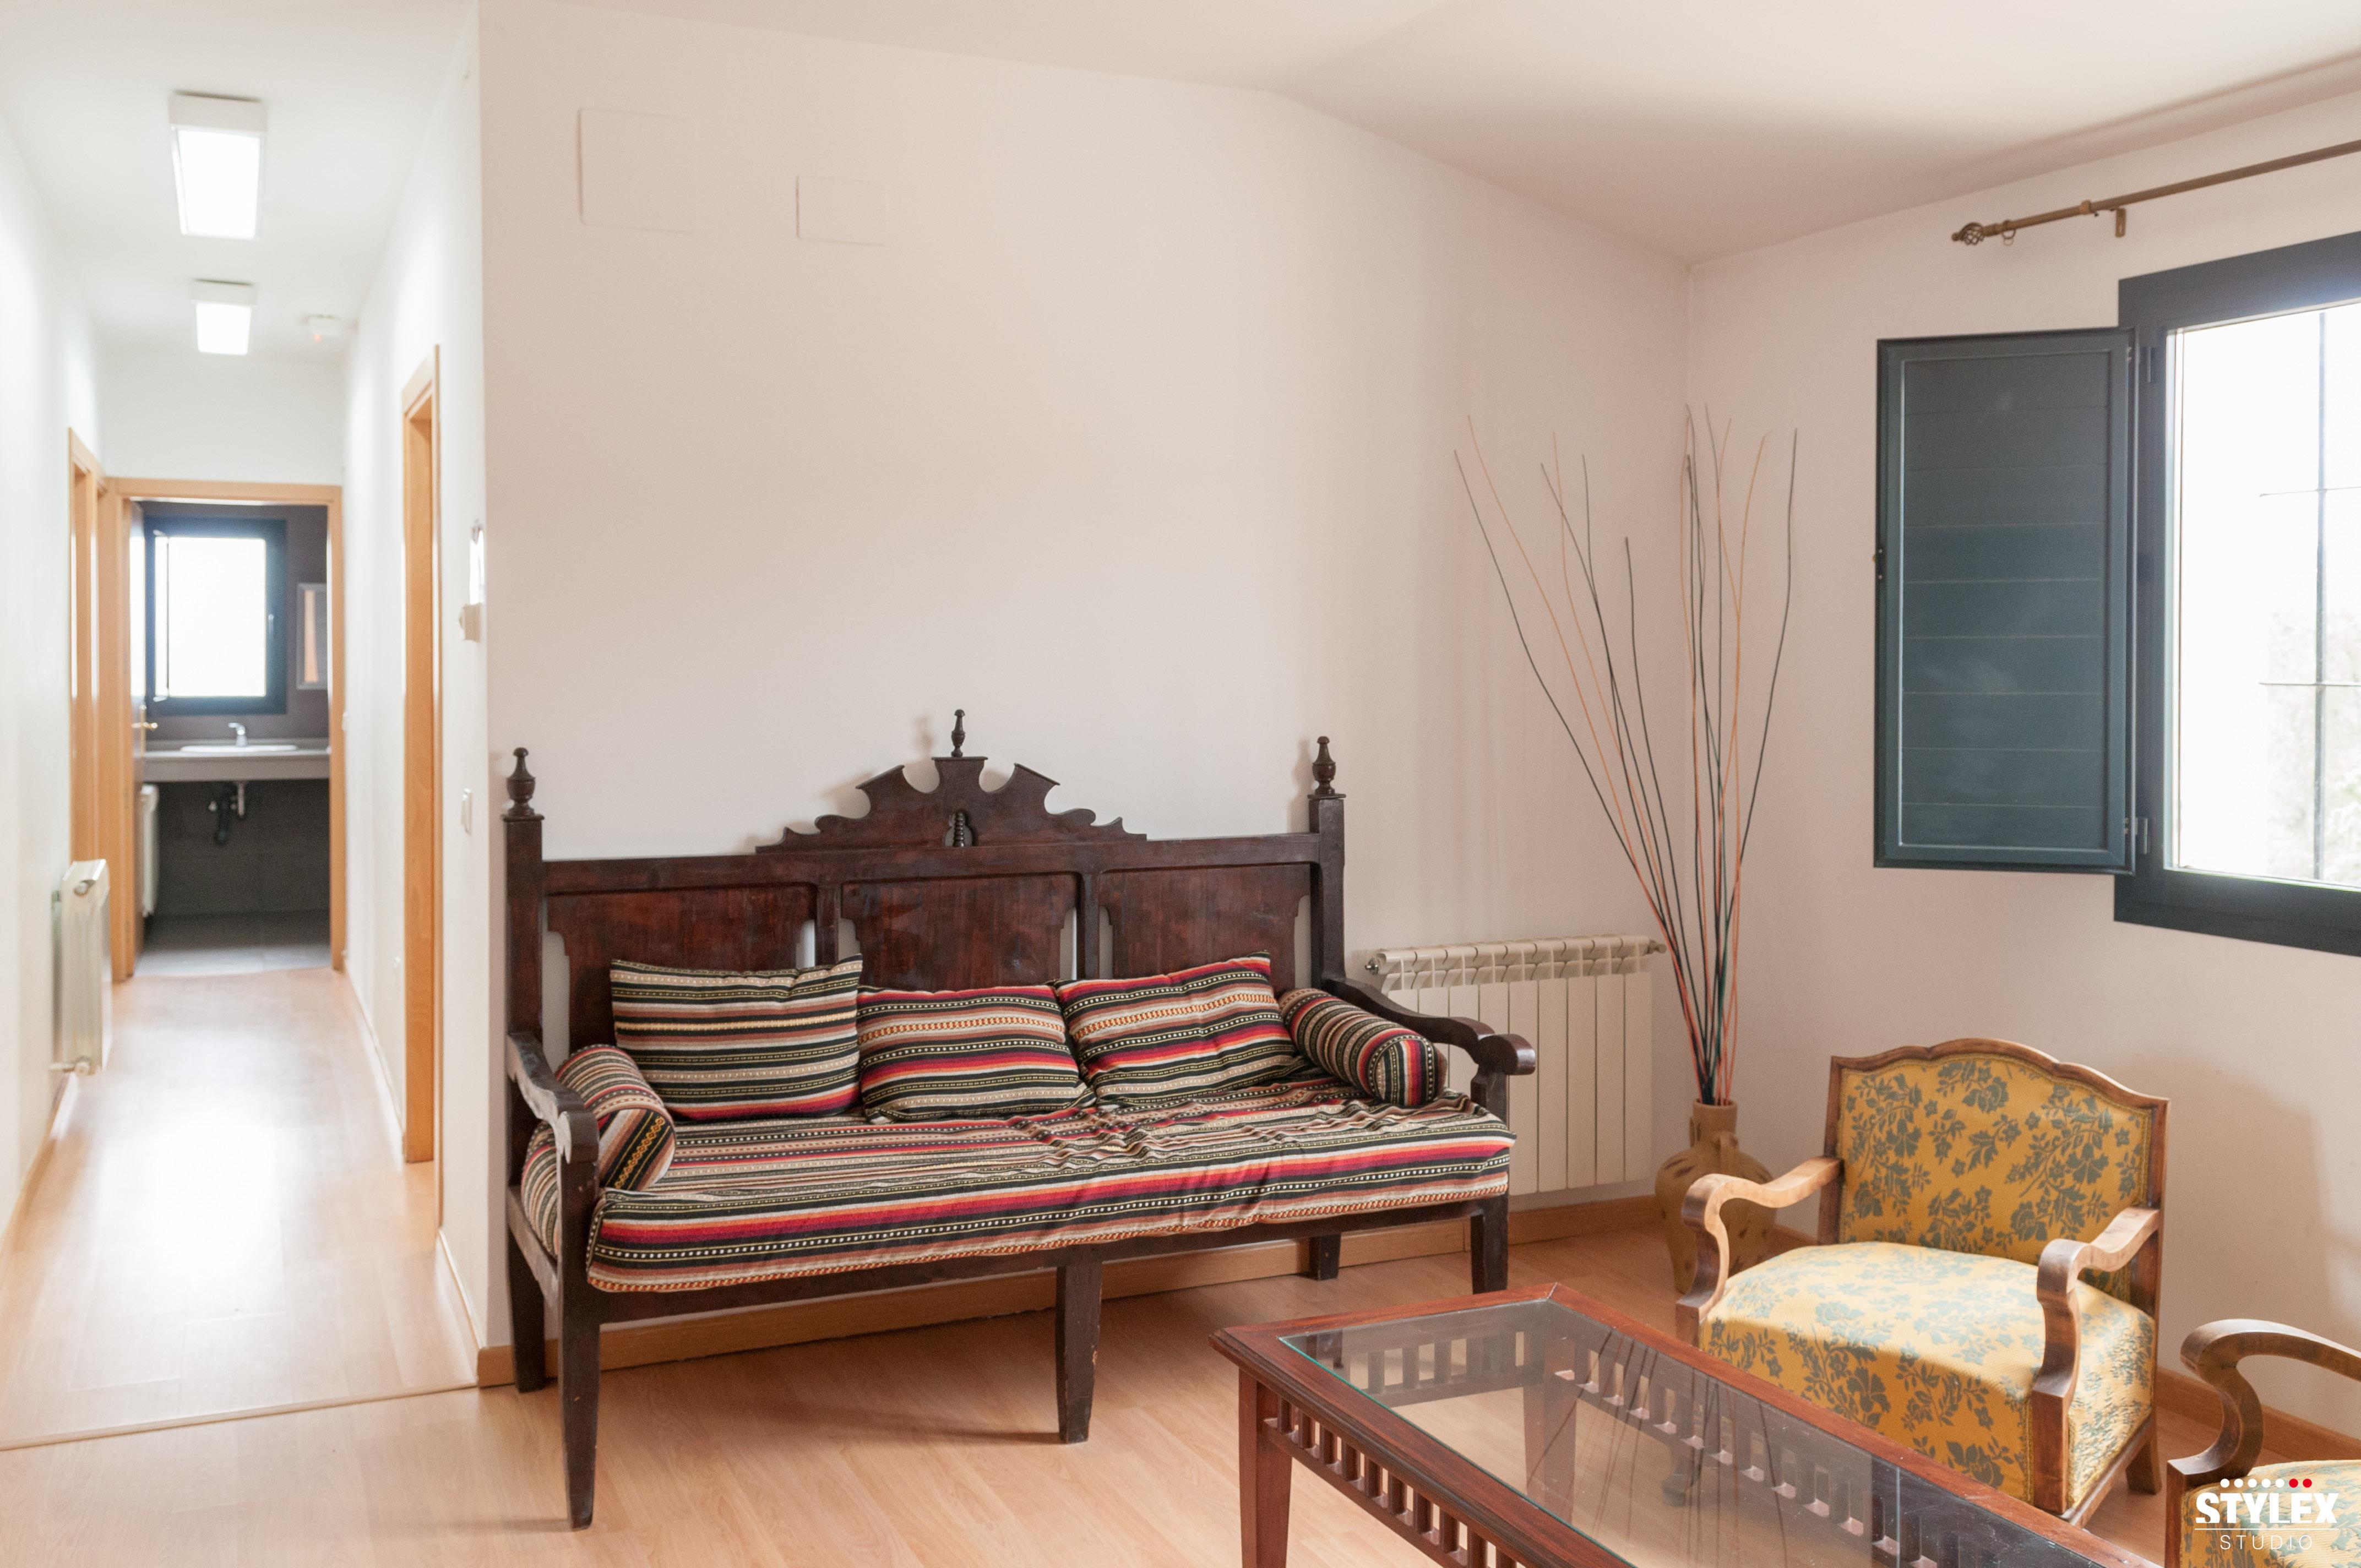 Casa Alfonso (6 de 45) - copia - copia